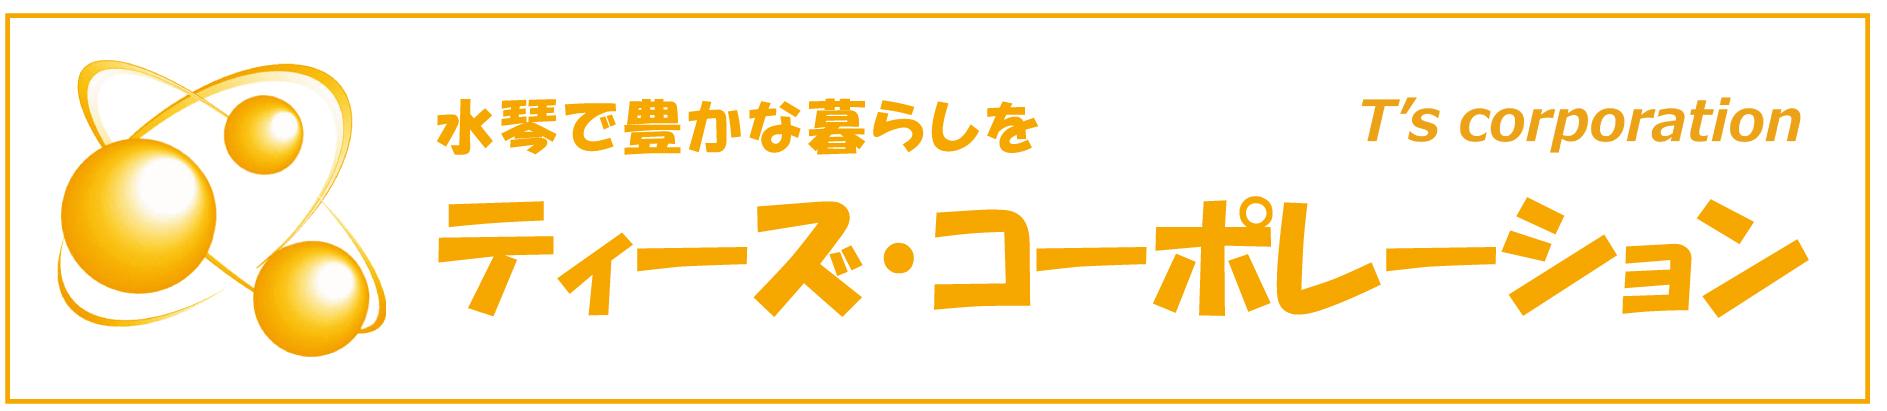 水琴サイト Mizugoto World